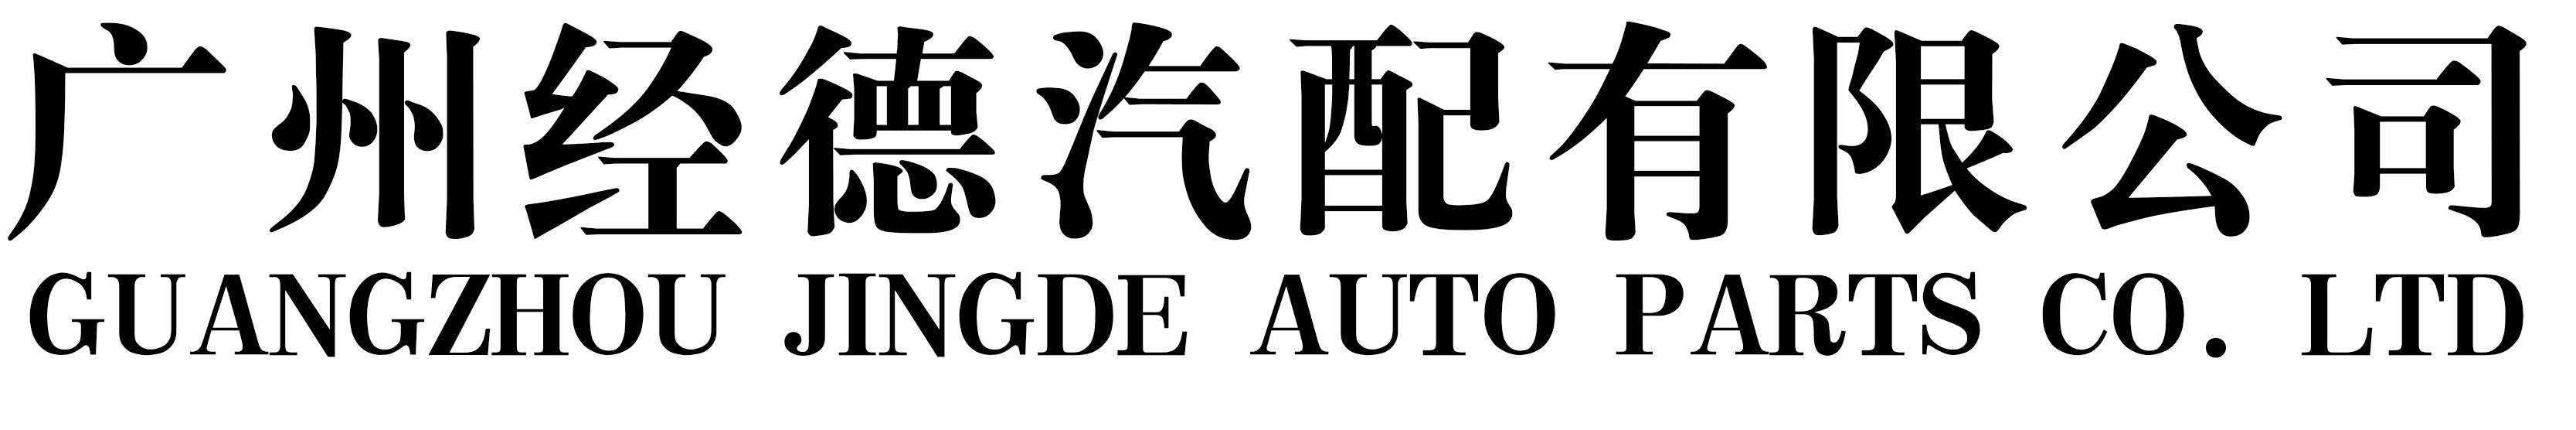 广州经德汽配有限公司